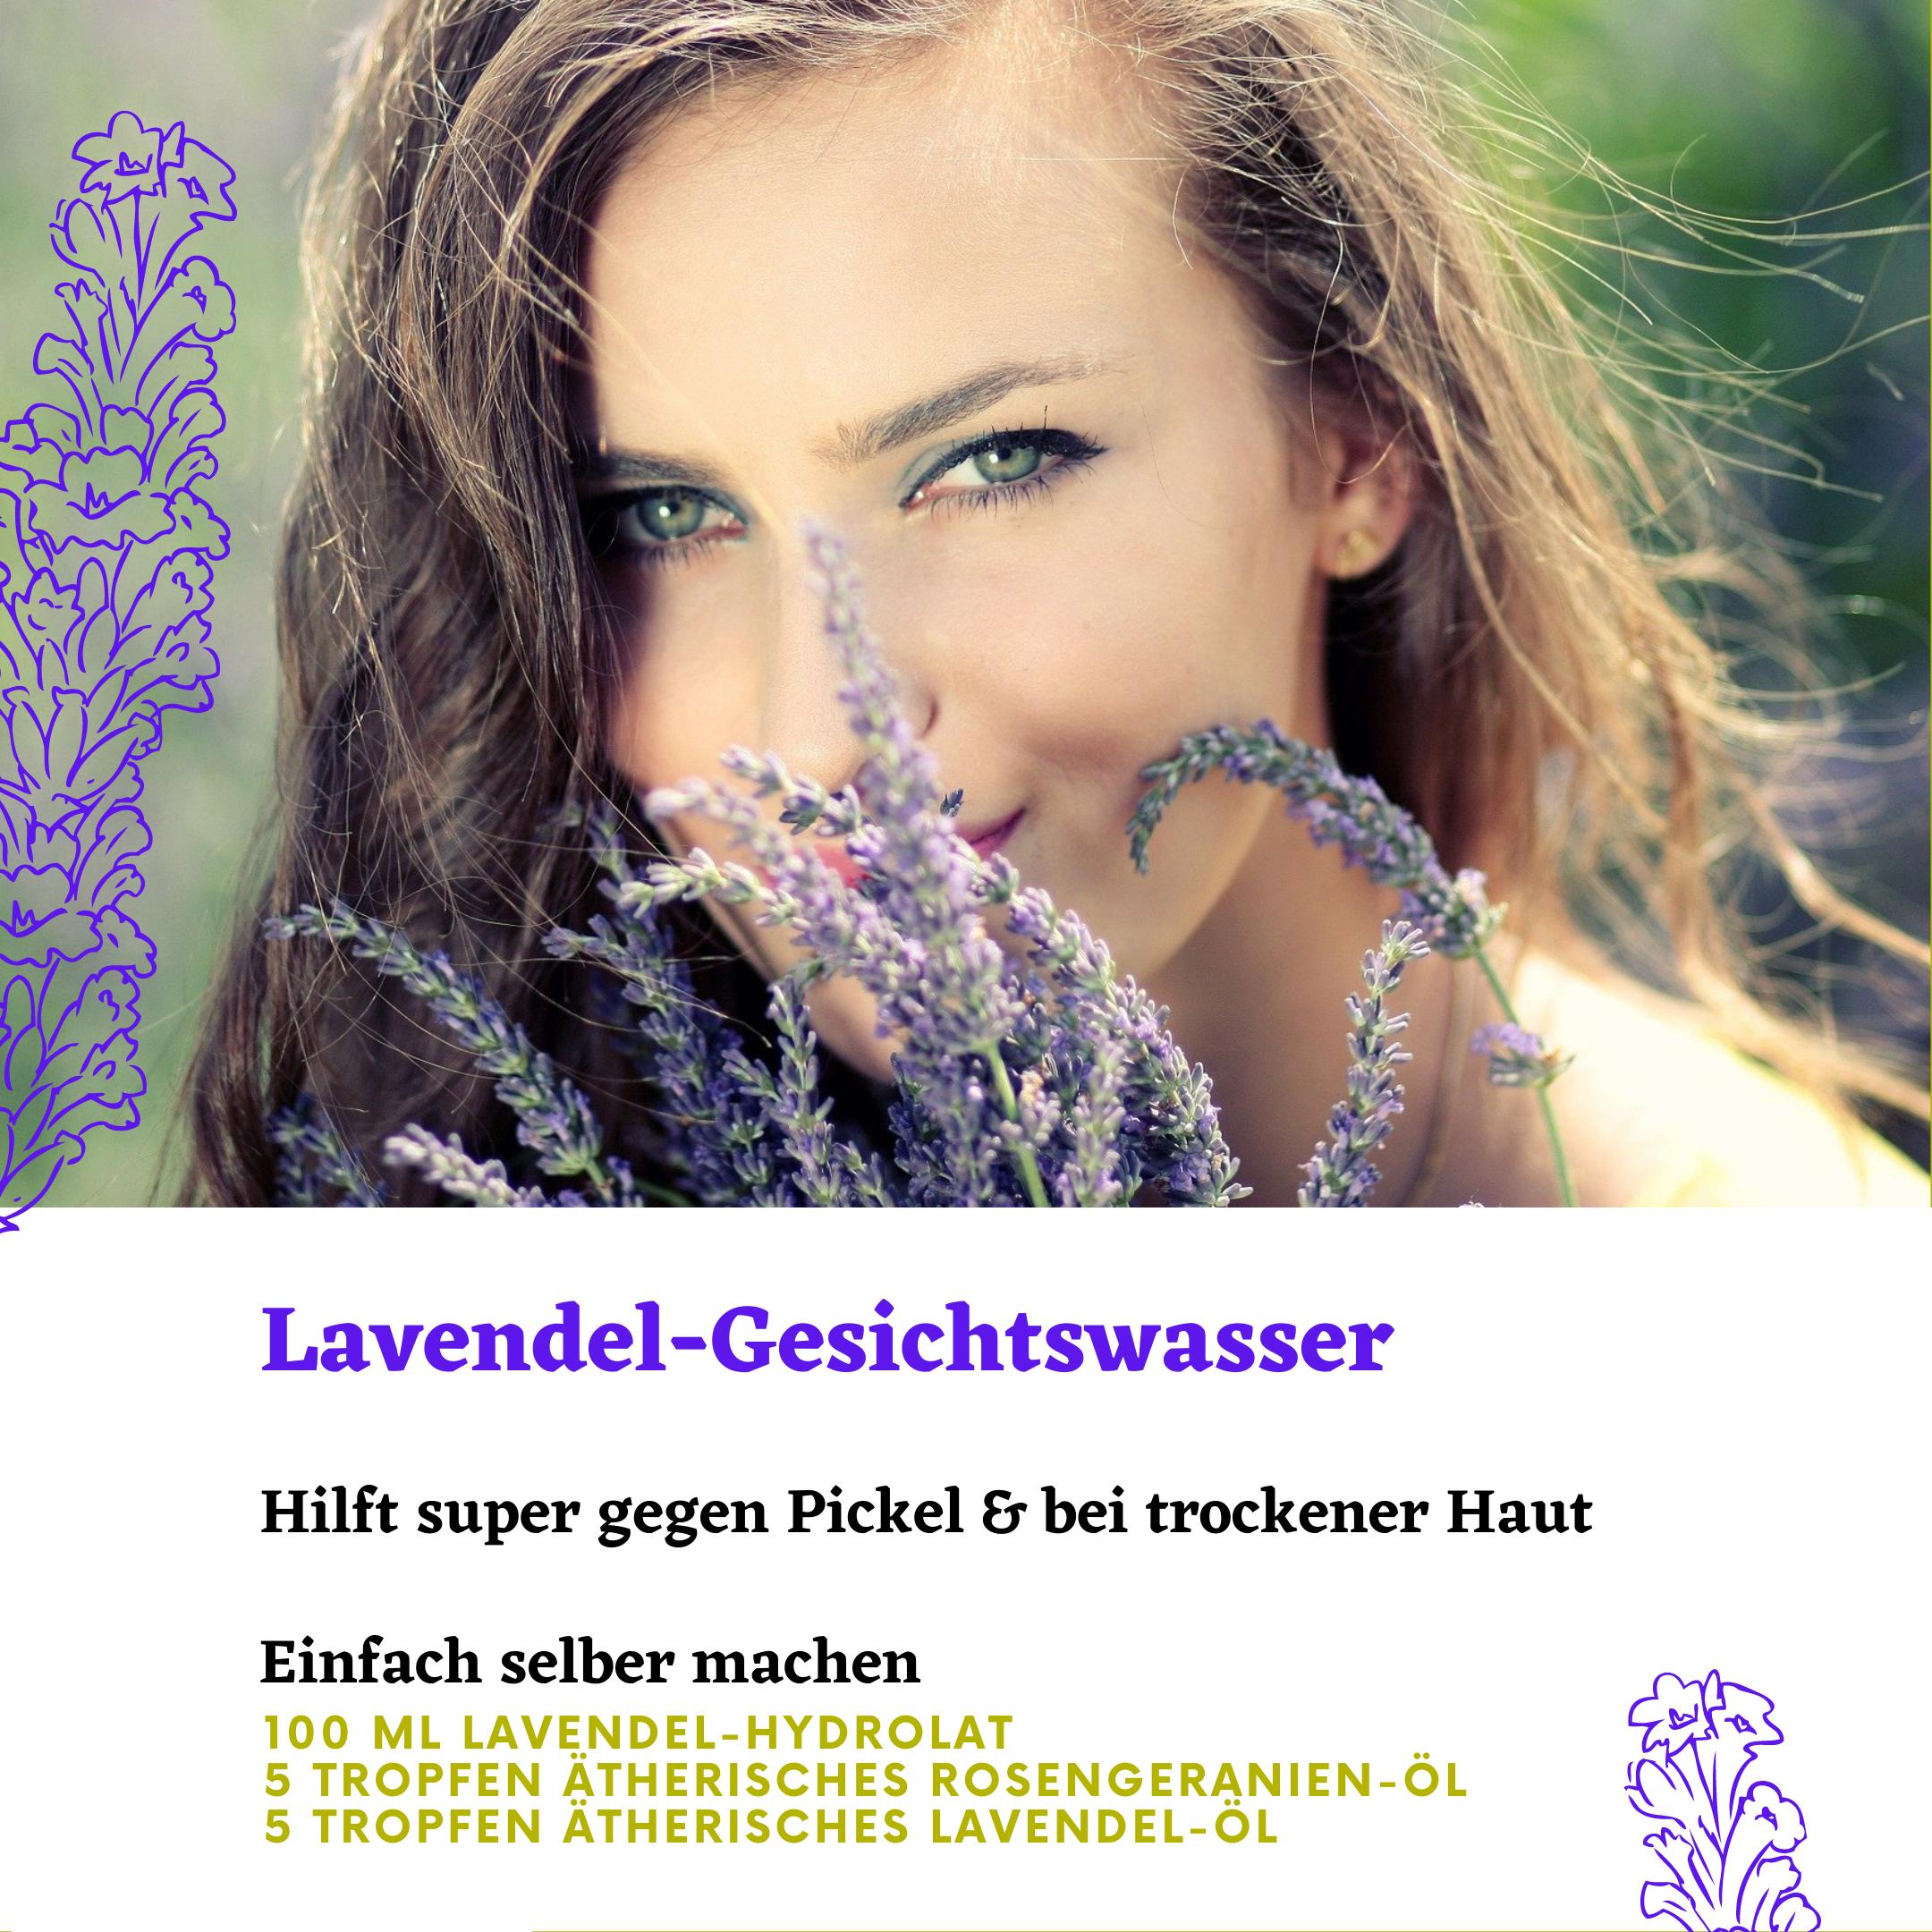 Lavendel-Gesichtswasser gegen Pickel und trockene Haut